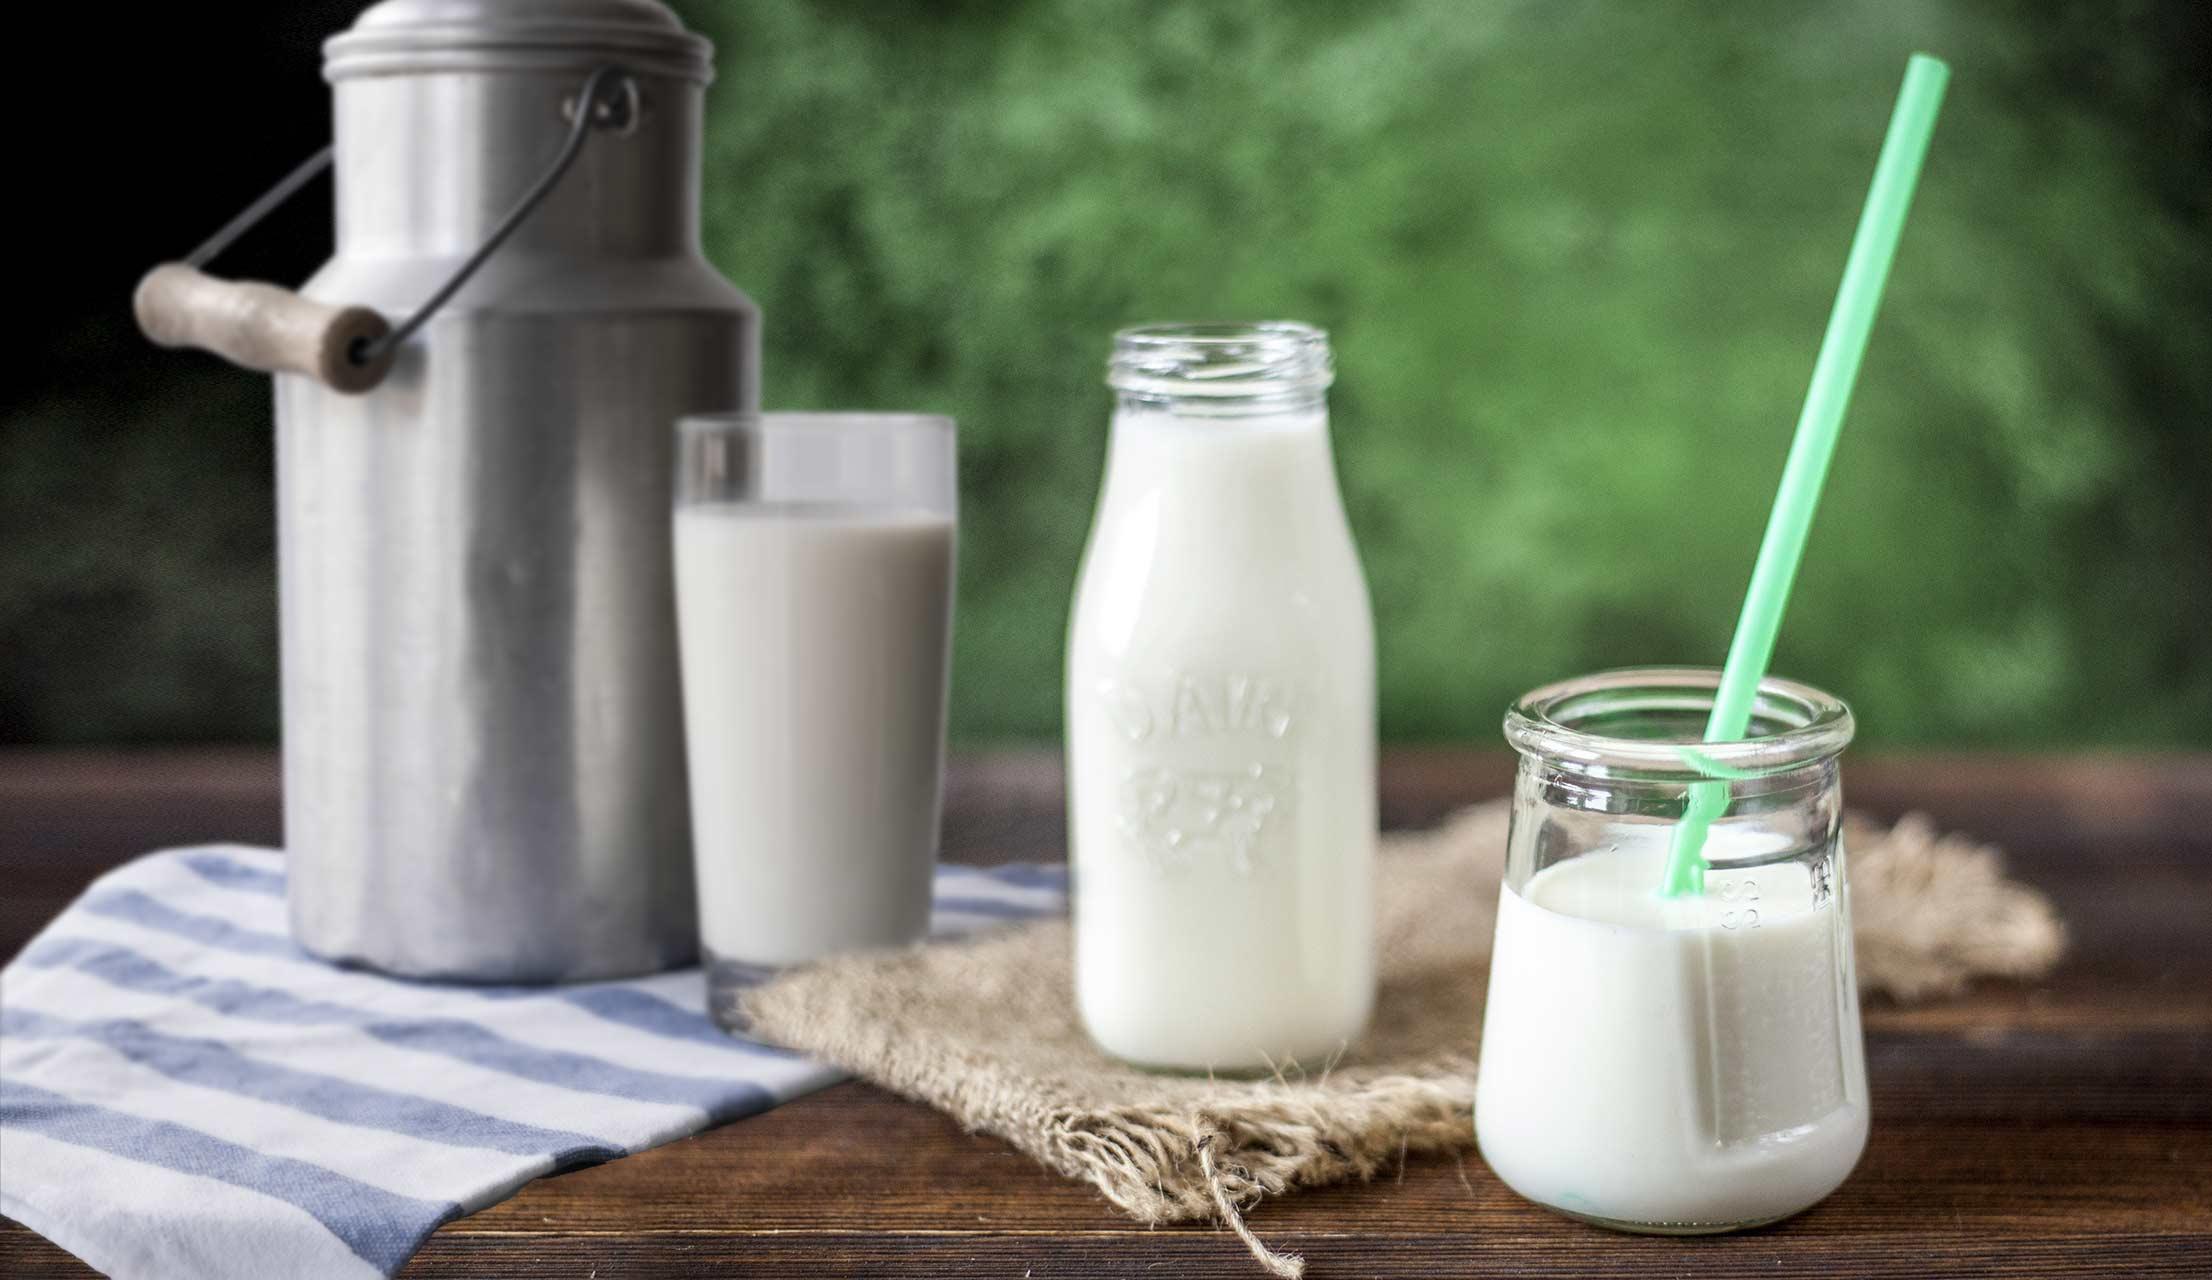 Milchverpackungen auf einem Tisch